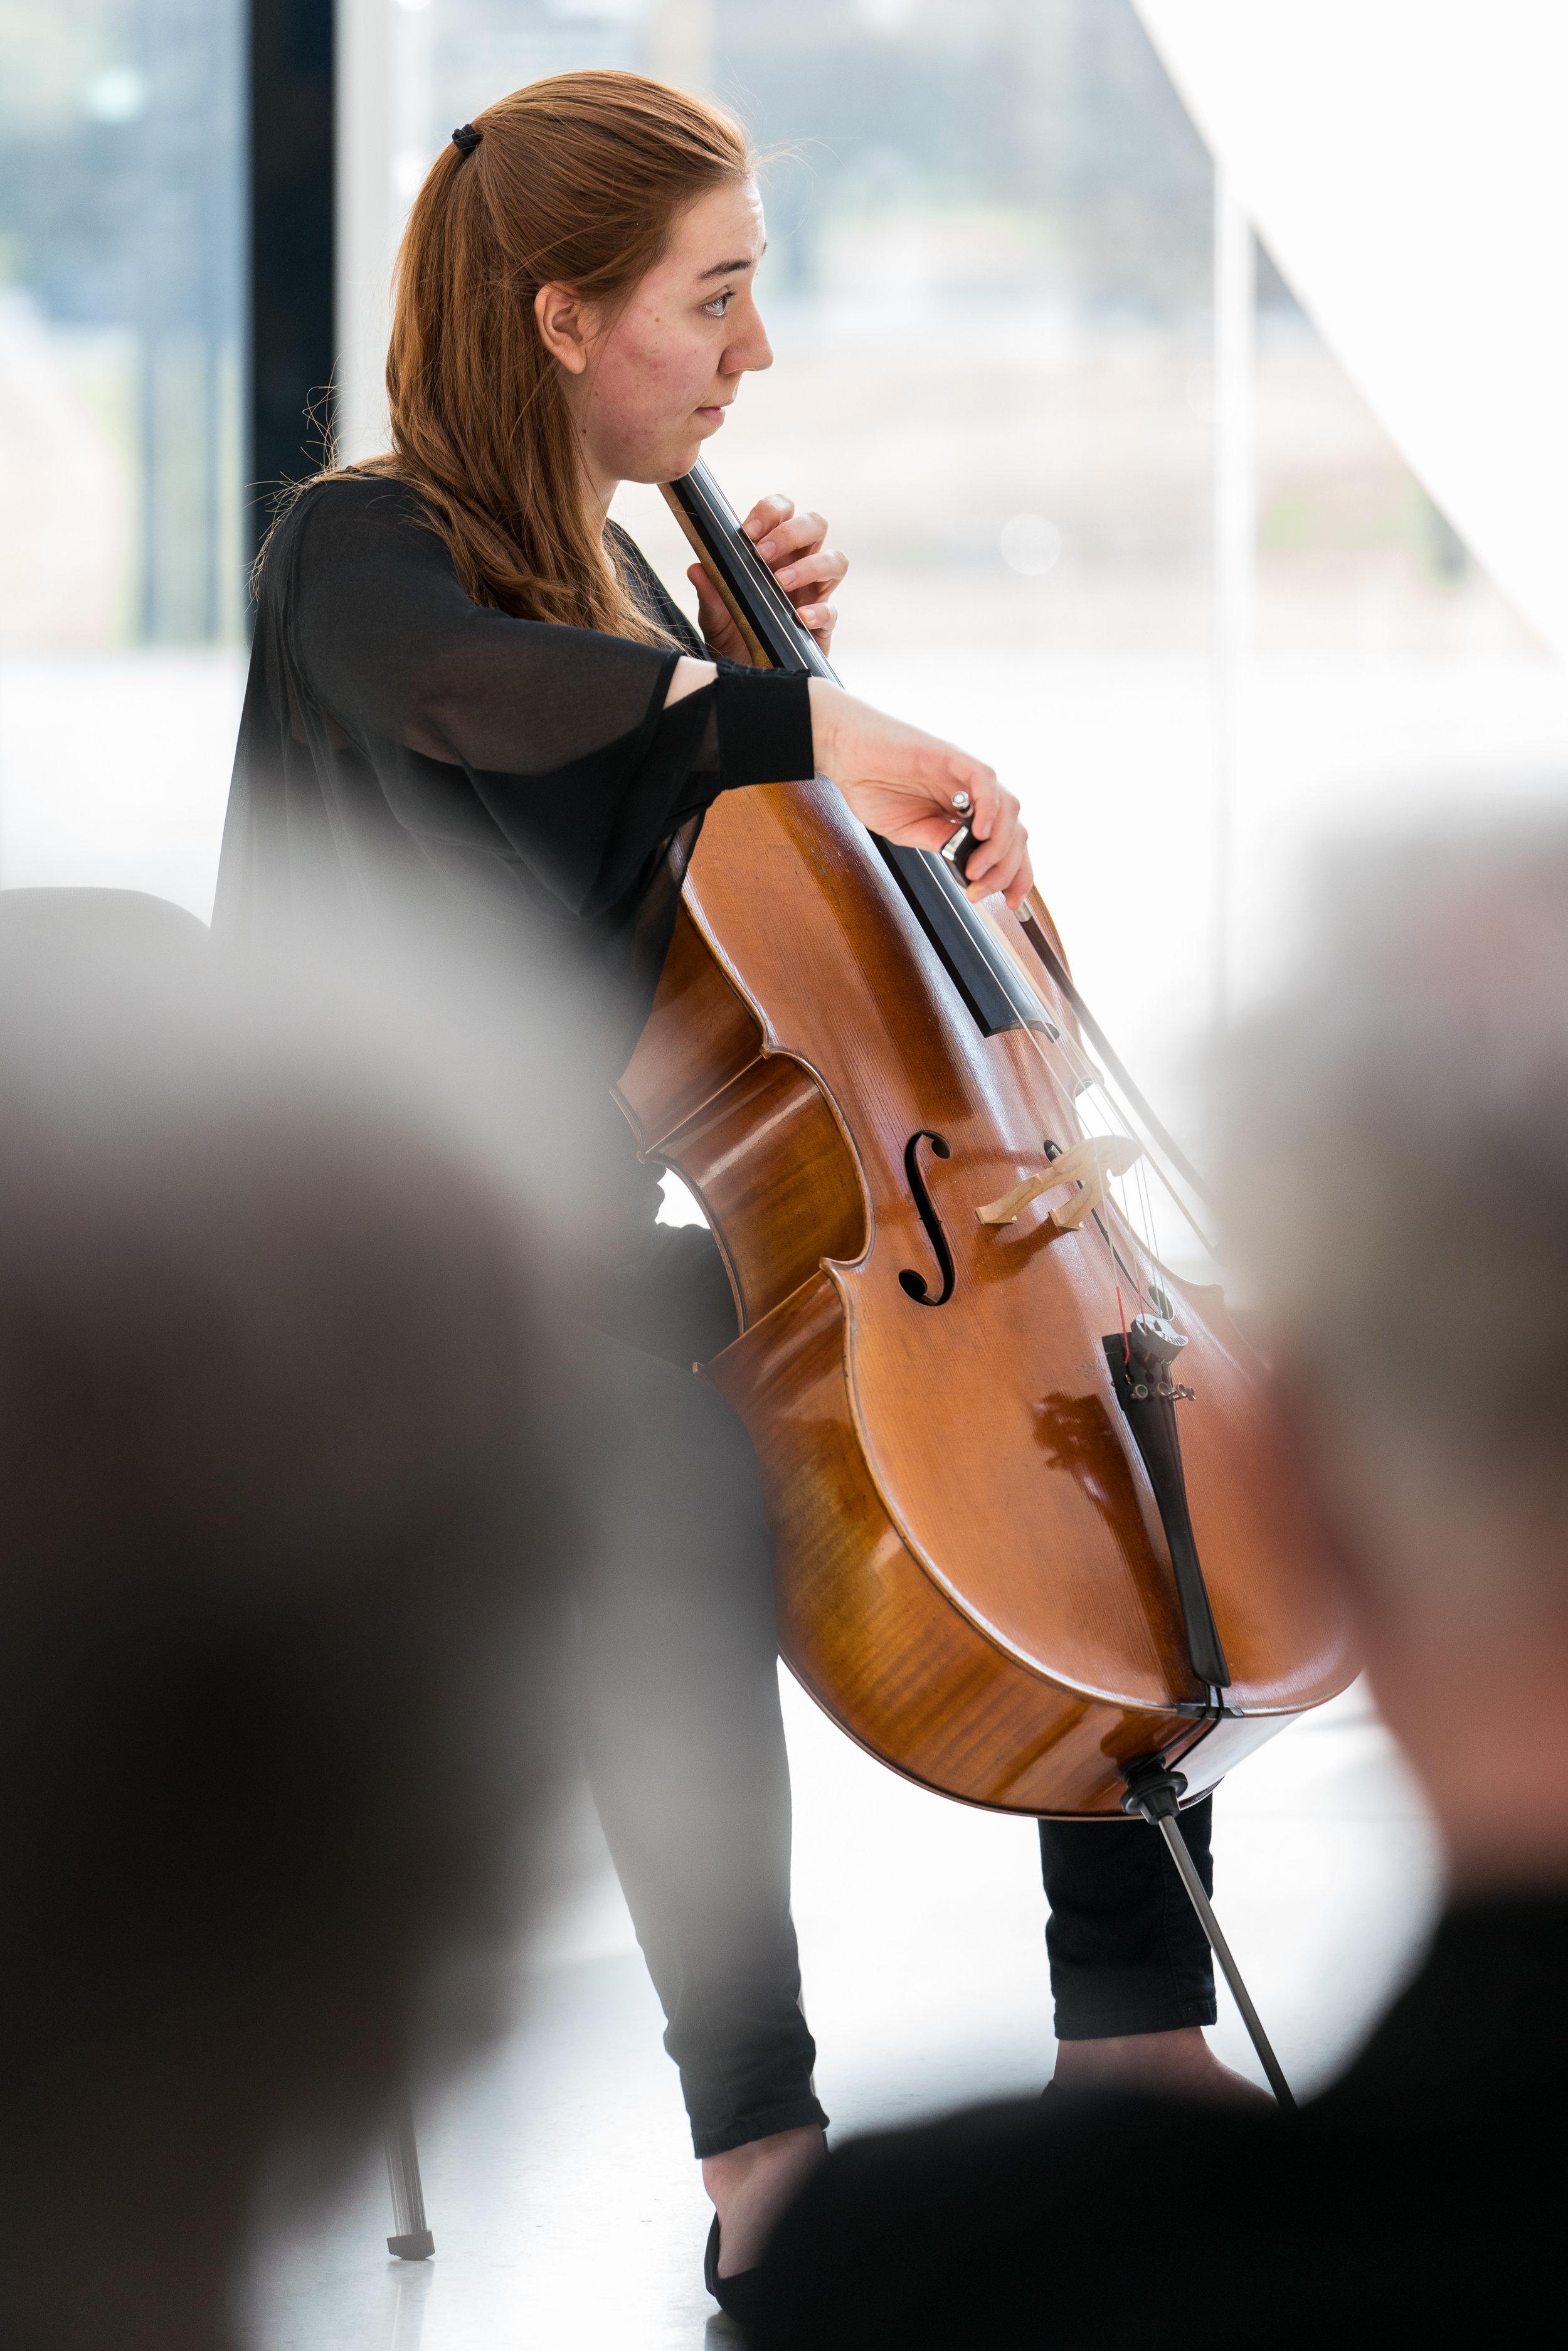 Konzert am Mittag - Cello20180206_027-036.jpg